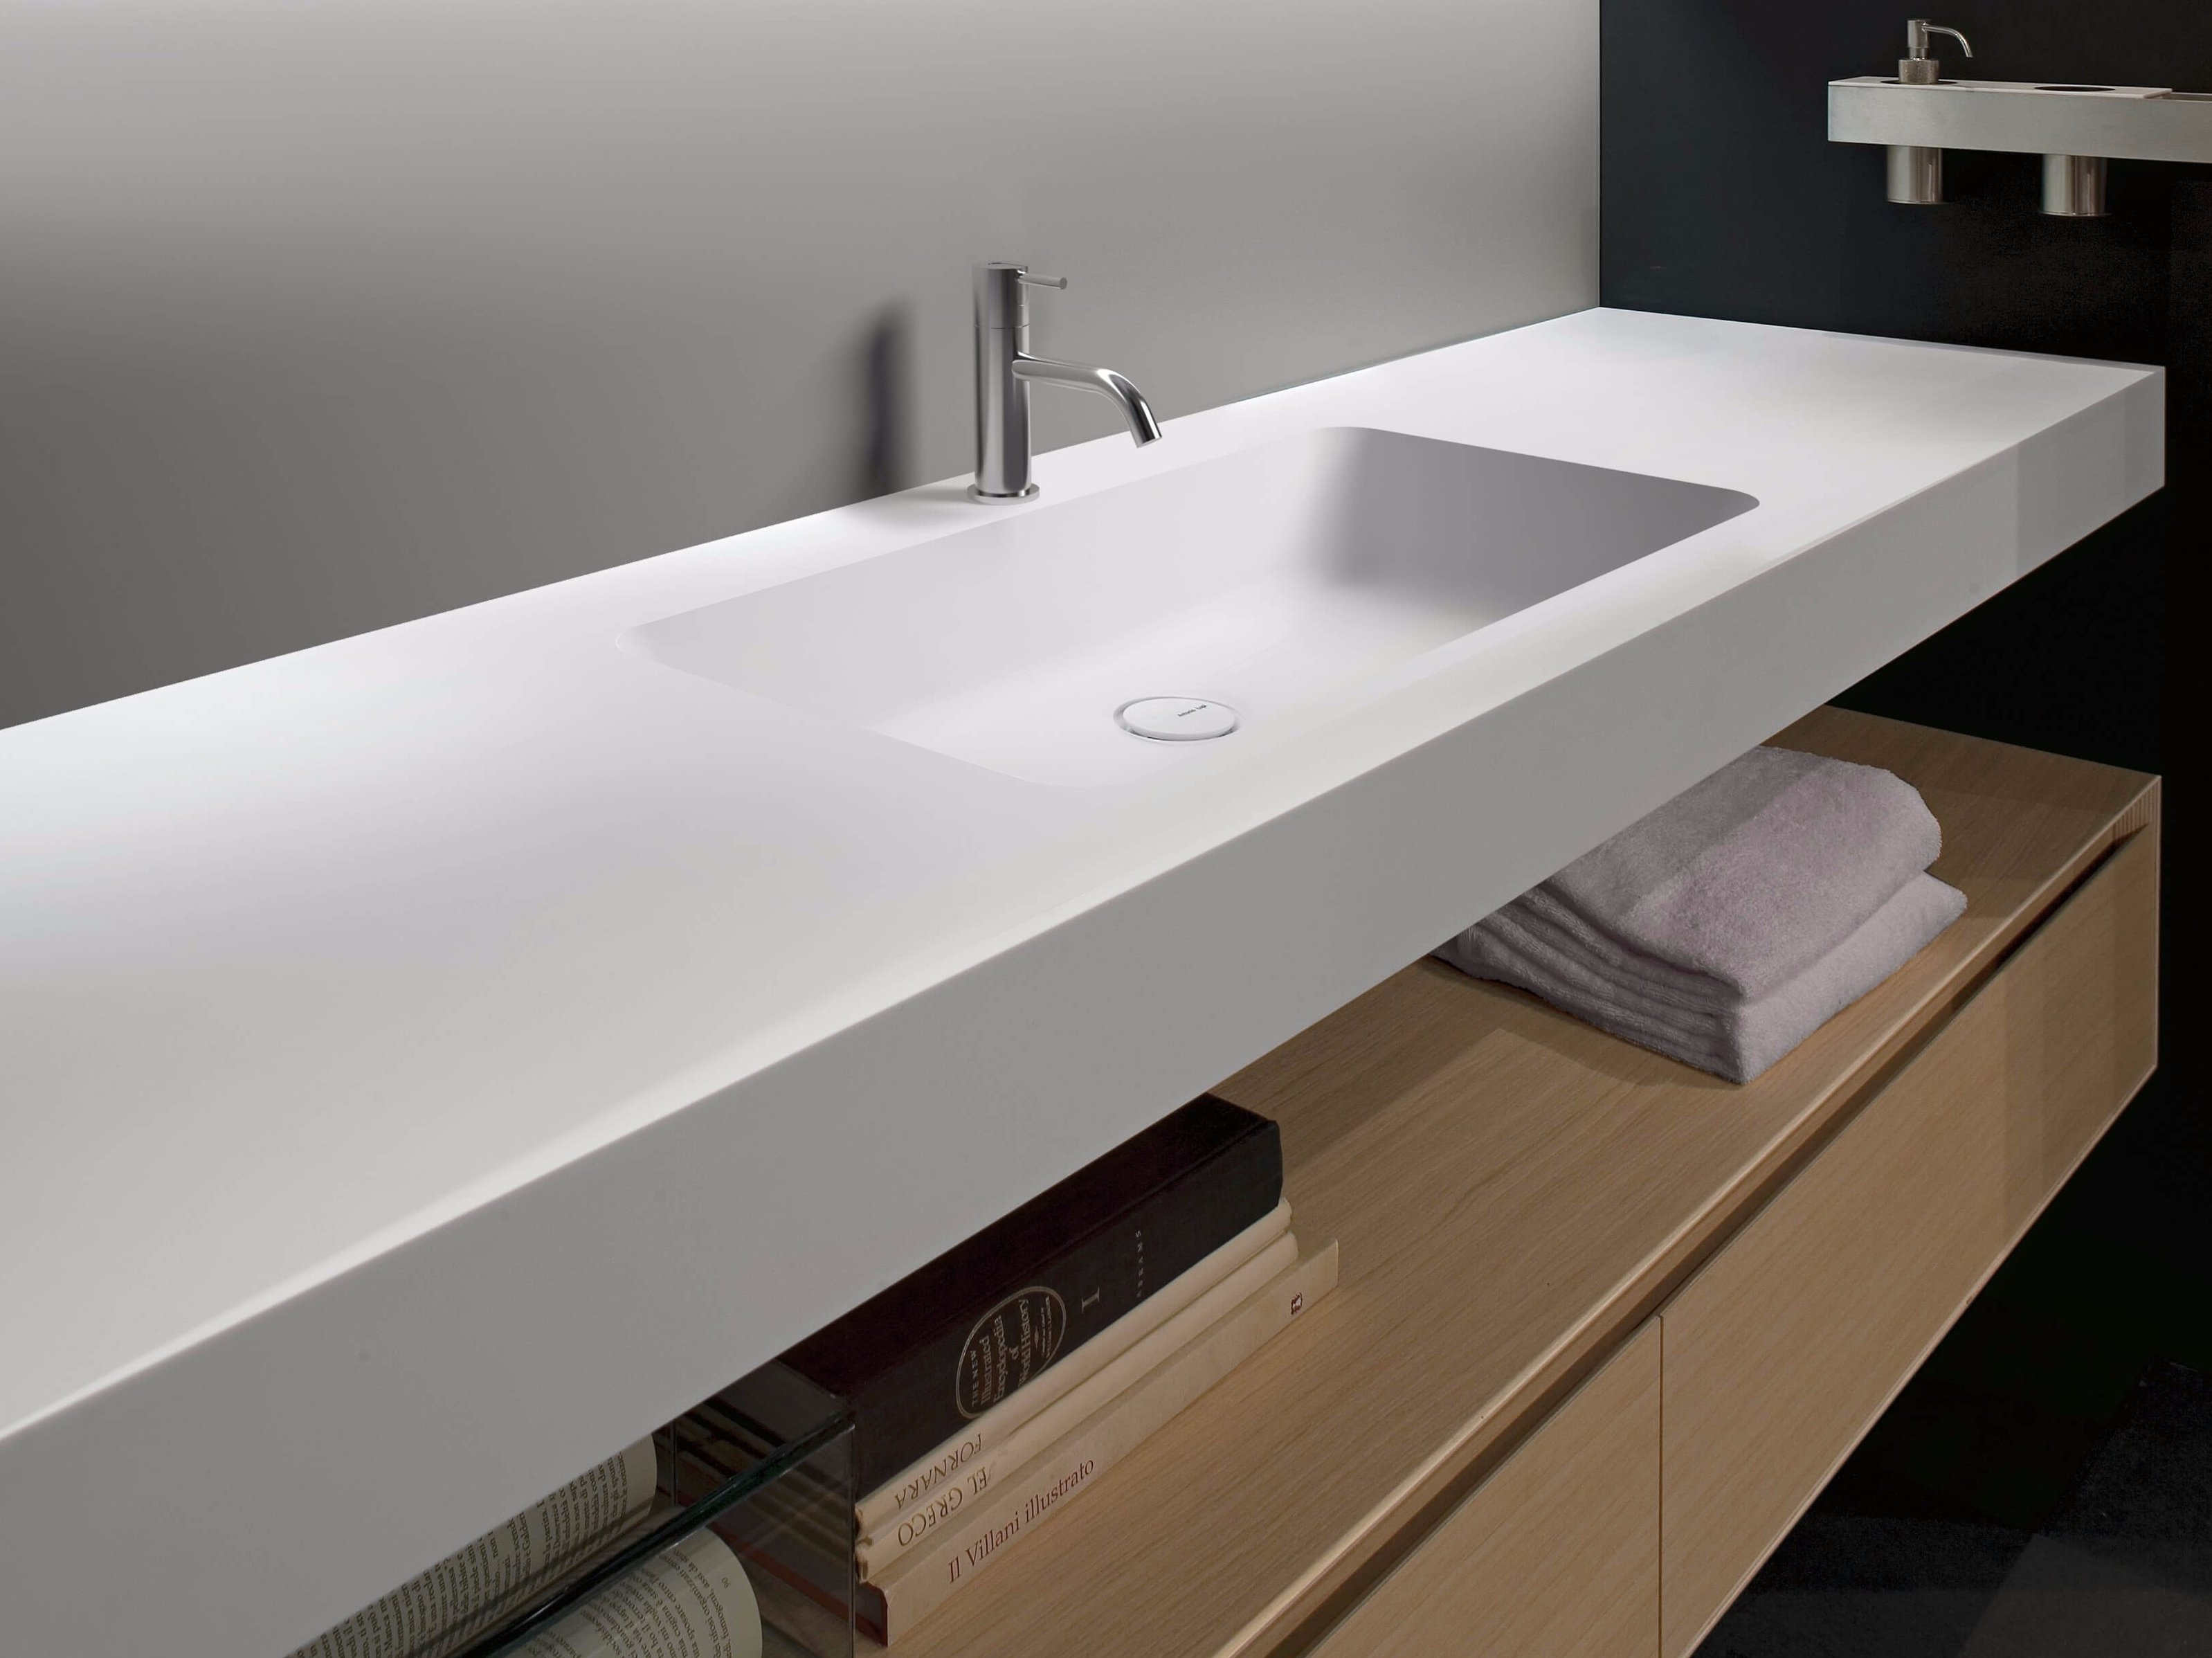 waschtisch aus corian arco by antonio lupi design design. Black Bedroom Furniture Sets. Home Design Ideas